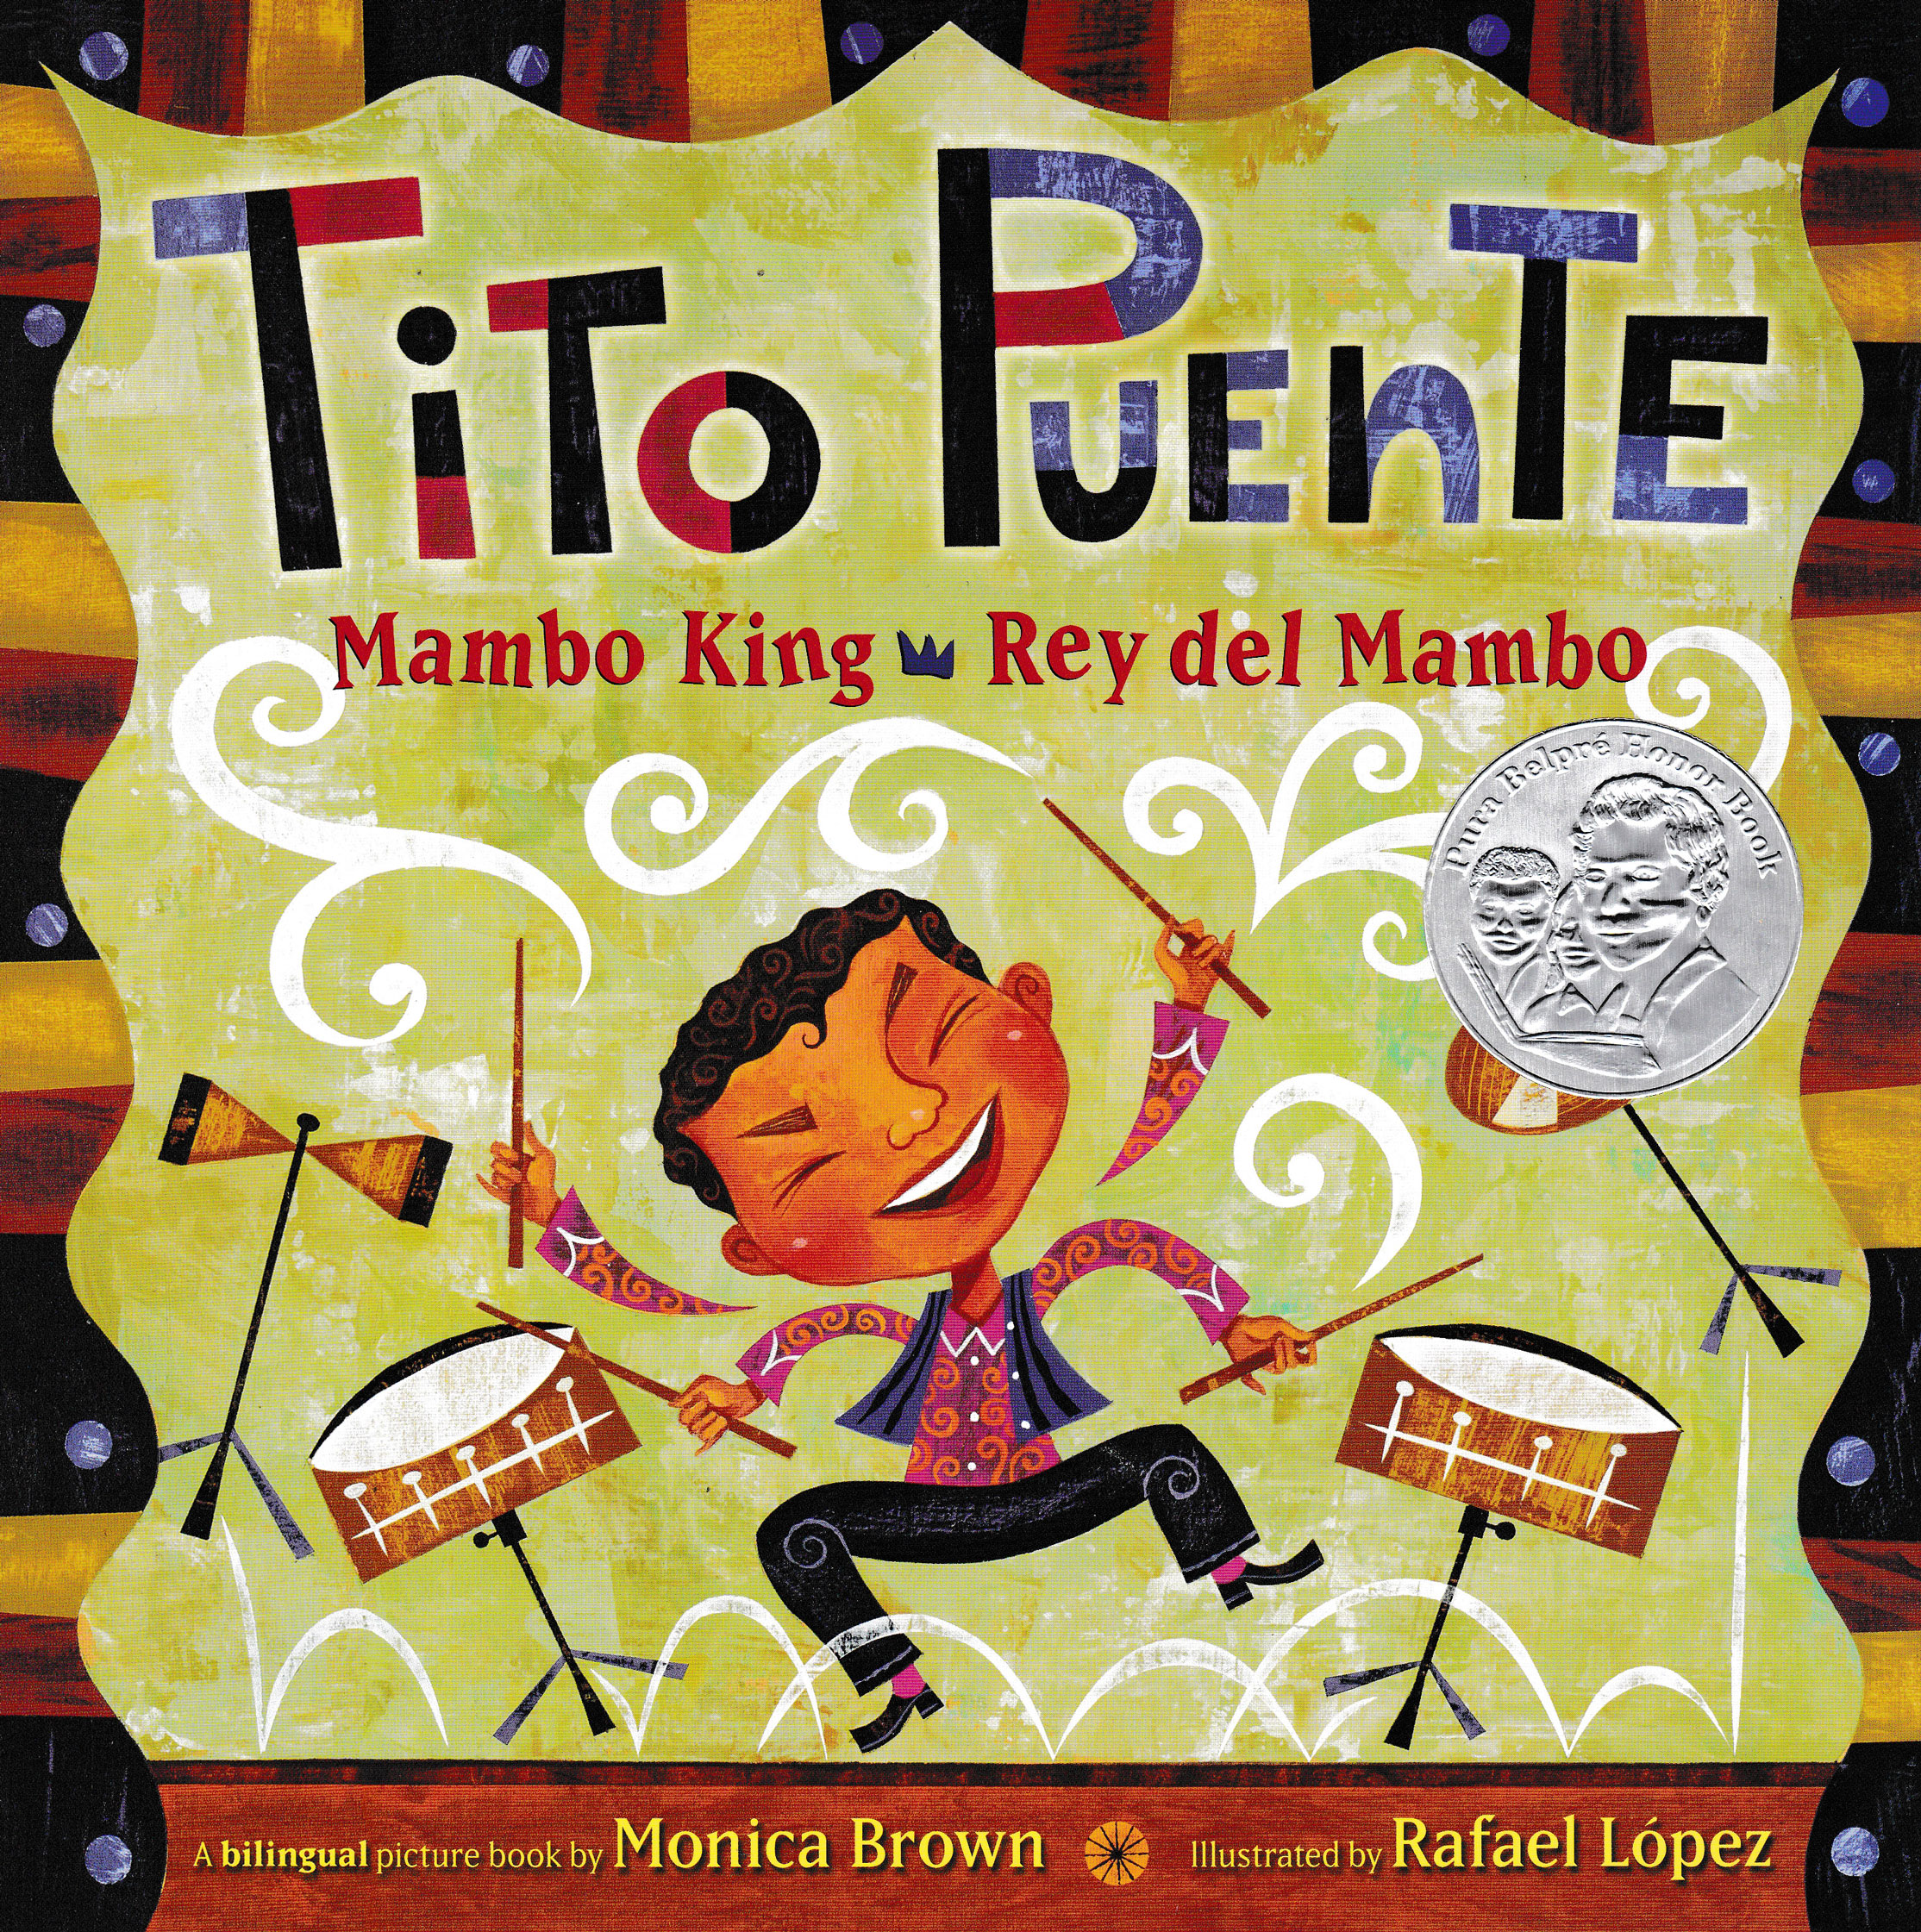 Tito Puente Mambo King/Rey del Mambo Bilingual Picture Book